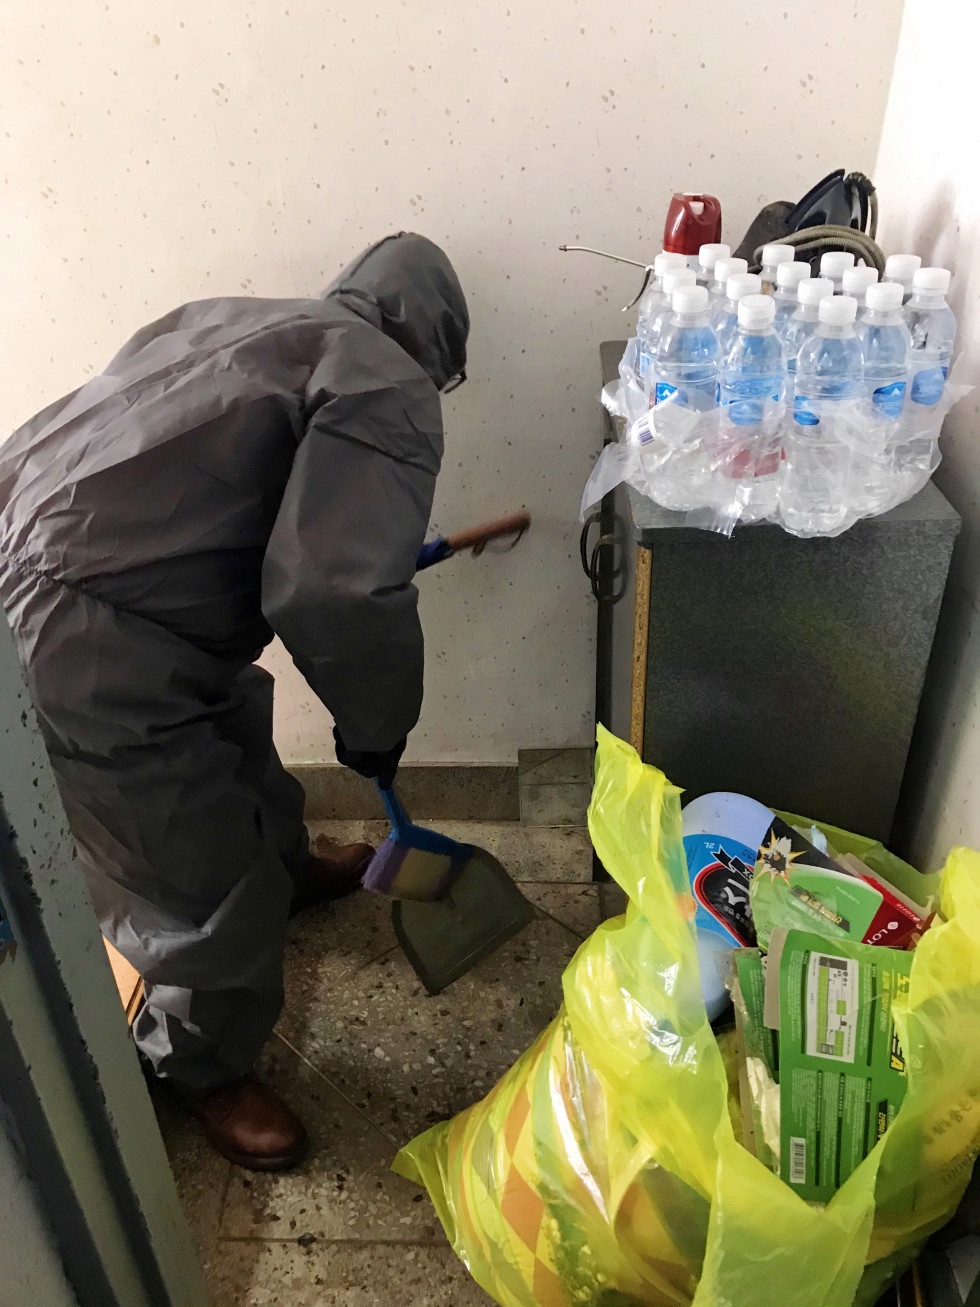 구석구석 먼지며 쓰레기를 쓸어담아 쓰레기 봉투에 담는 모습입니다. 좀 더 쾌적한 환경에서 사실수 있도록 최선의 노력을 다하고 있습니다.